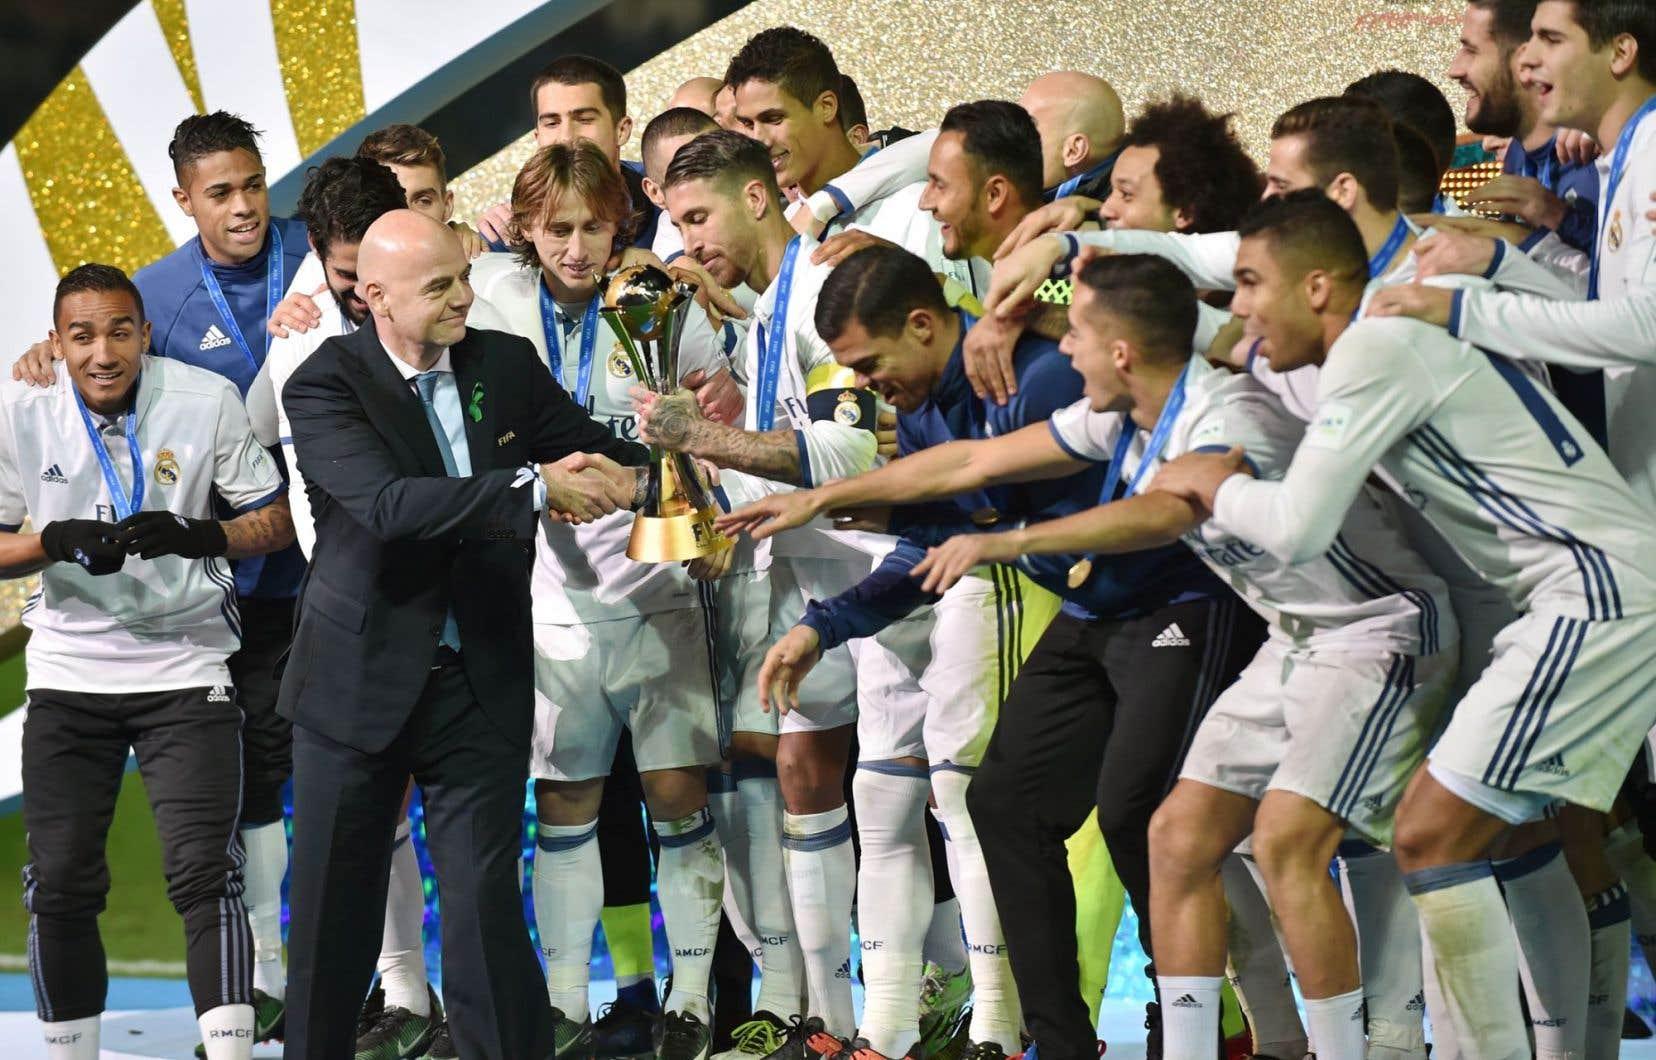 Le président de la FIFA, Gianni Infantino, tend le trophée du Mondial des clubs de la FIFA aux joueurs du Real Madrid dans la ville japonaise de Yokohama le 18 décembre 2016.